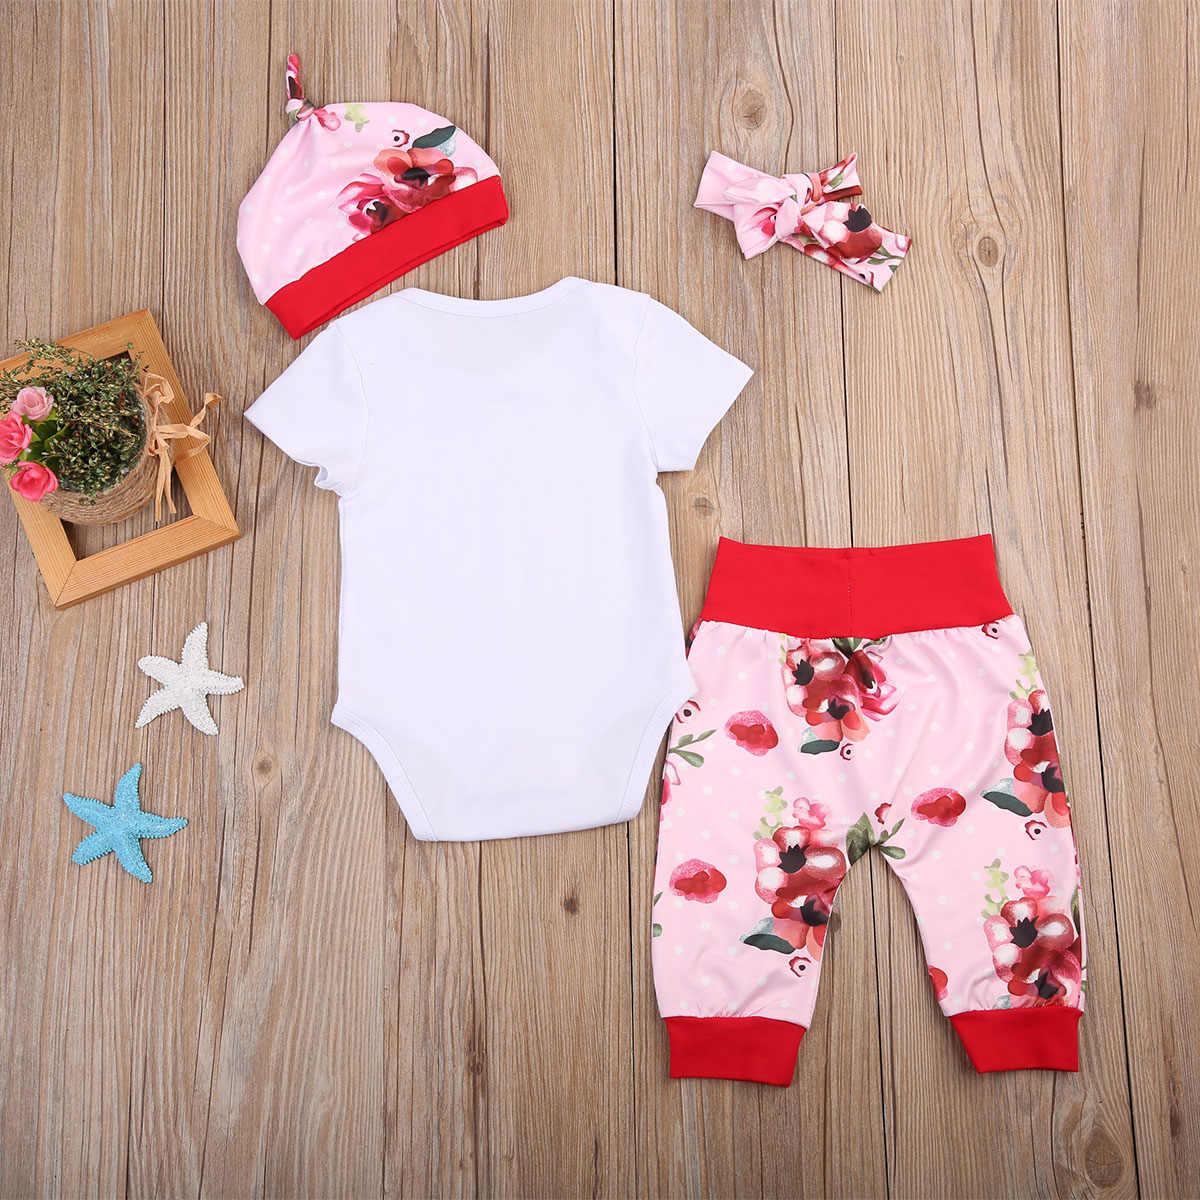 Yenidoğan Bebek Kız Değer Bel Romper Tops Pantolon Çiçek Gelen Ev Kıyafetler